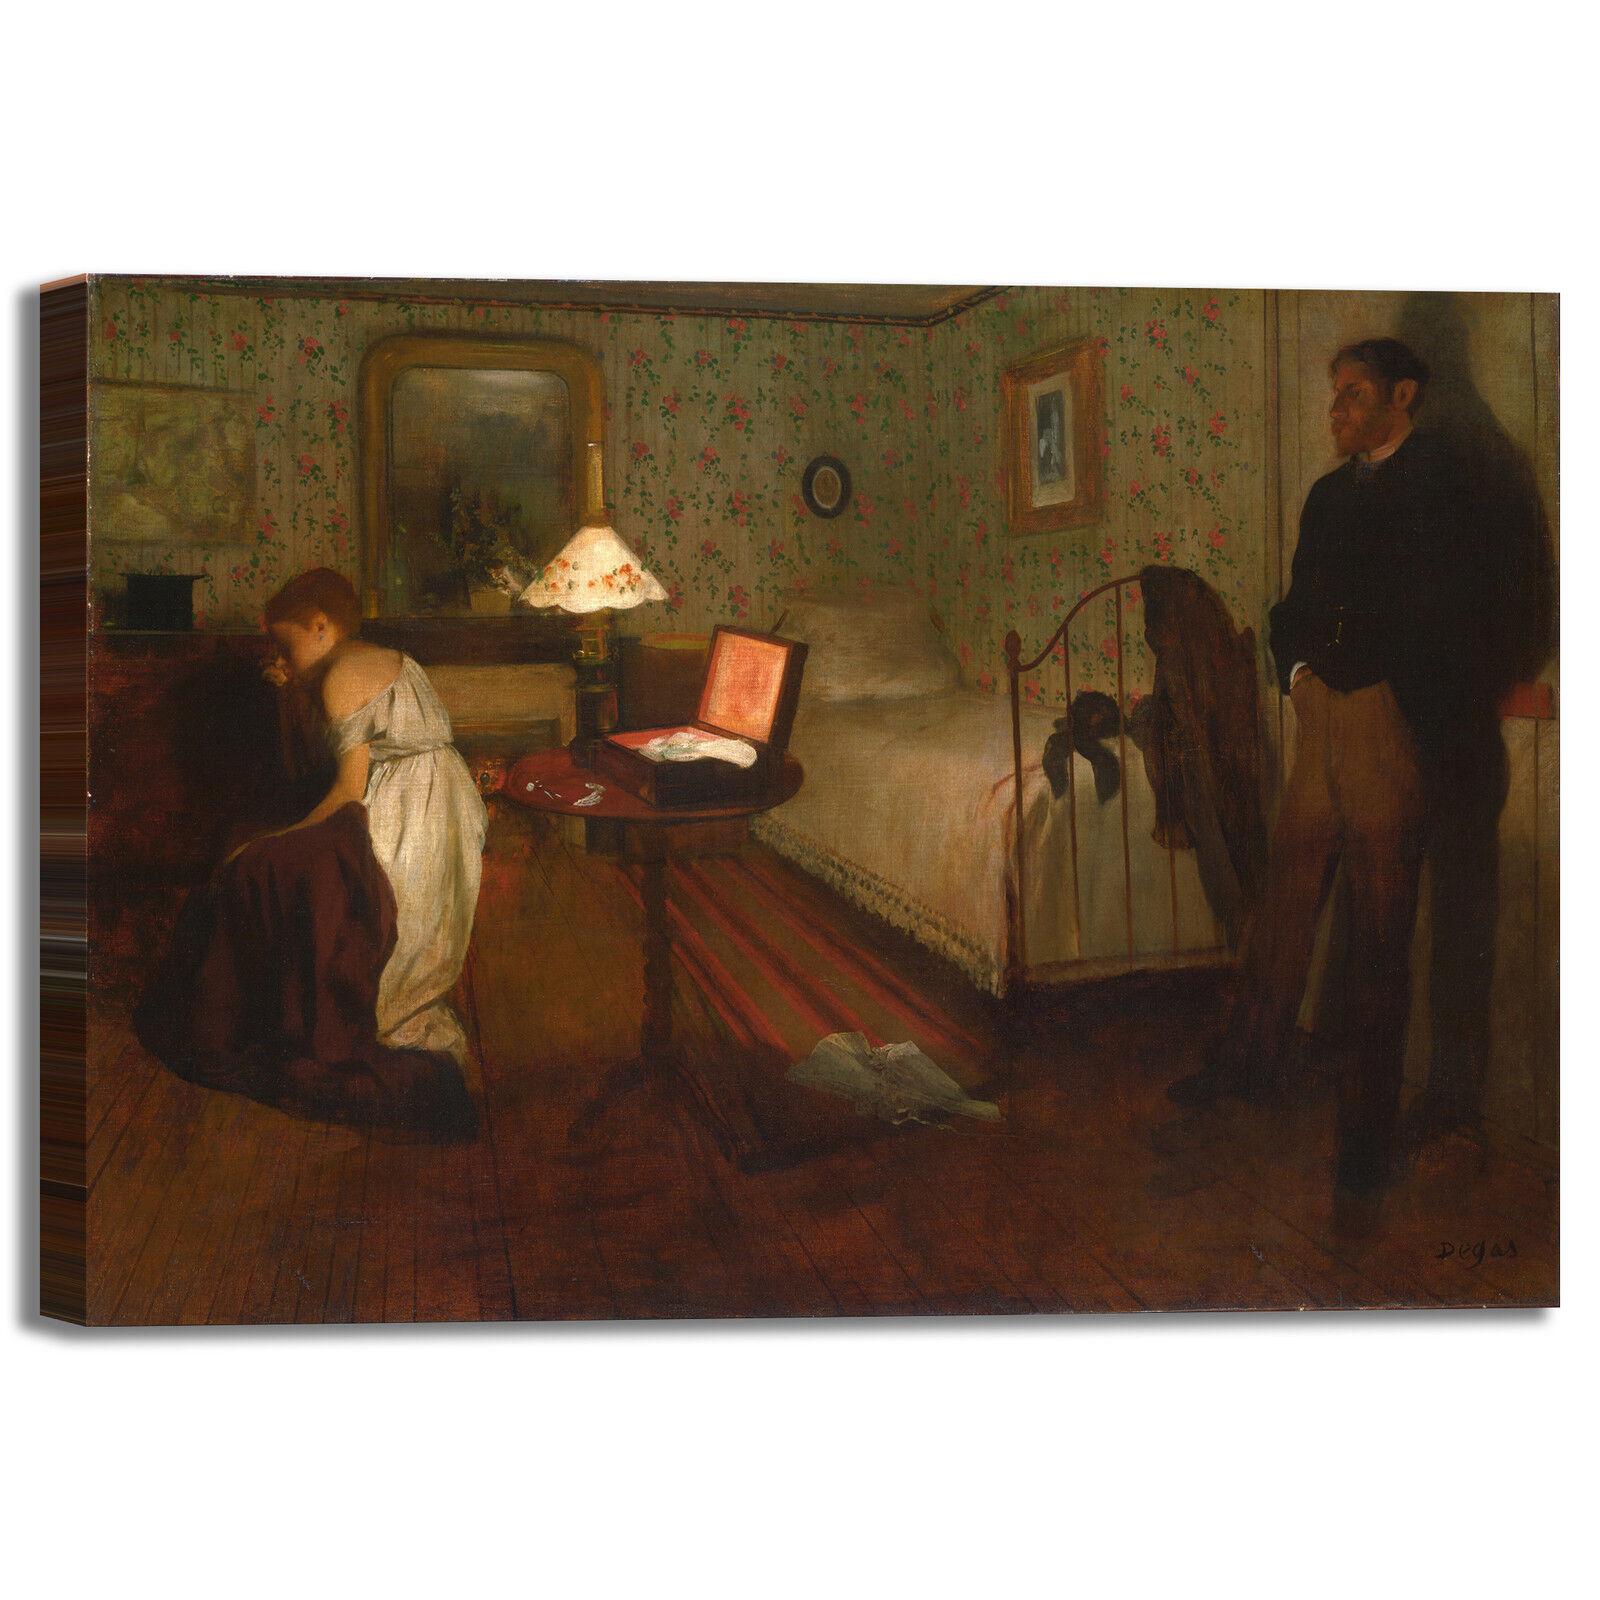 Degas interno design quadro stampa tela dipinto telaio arroto casa